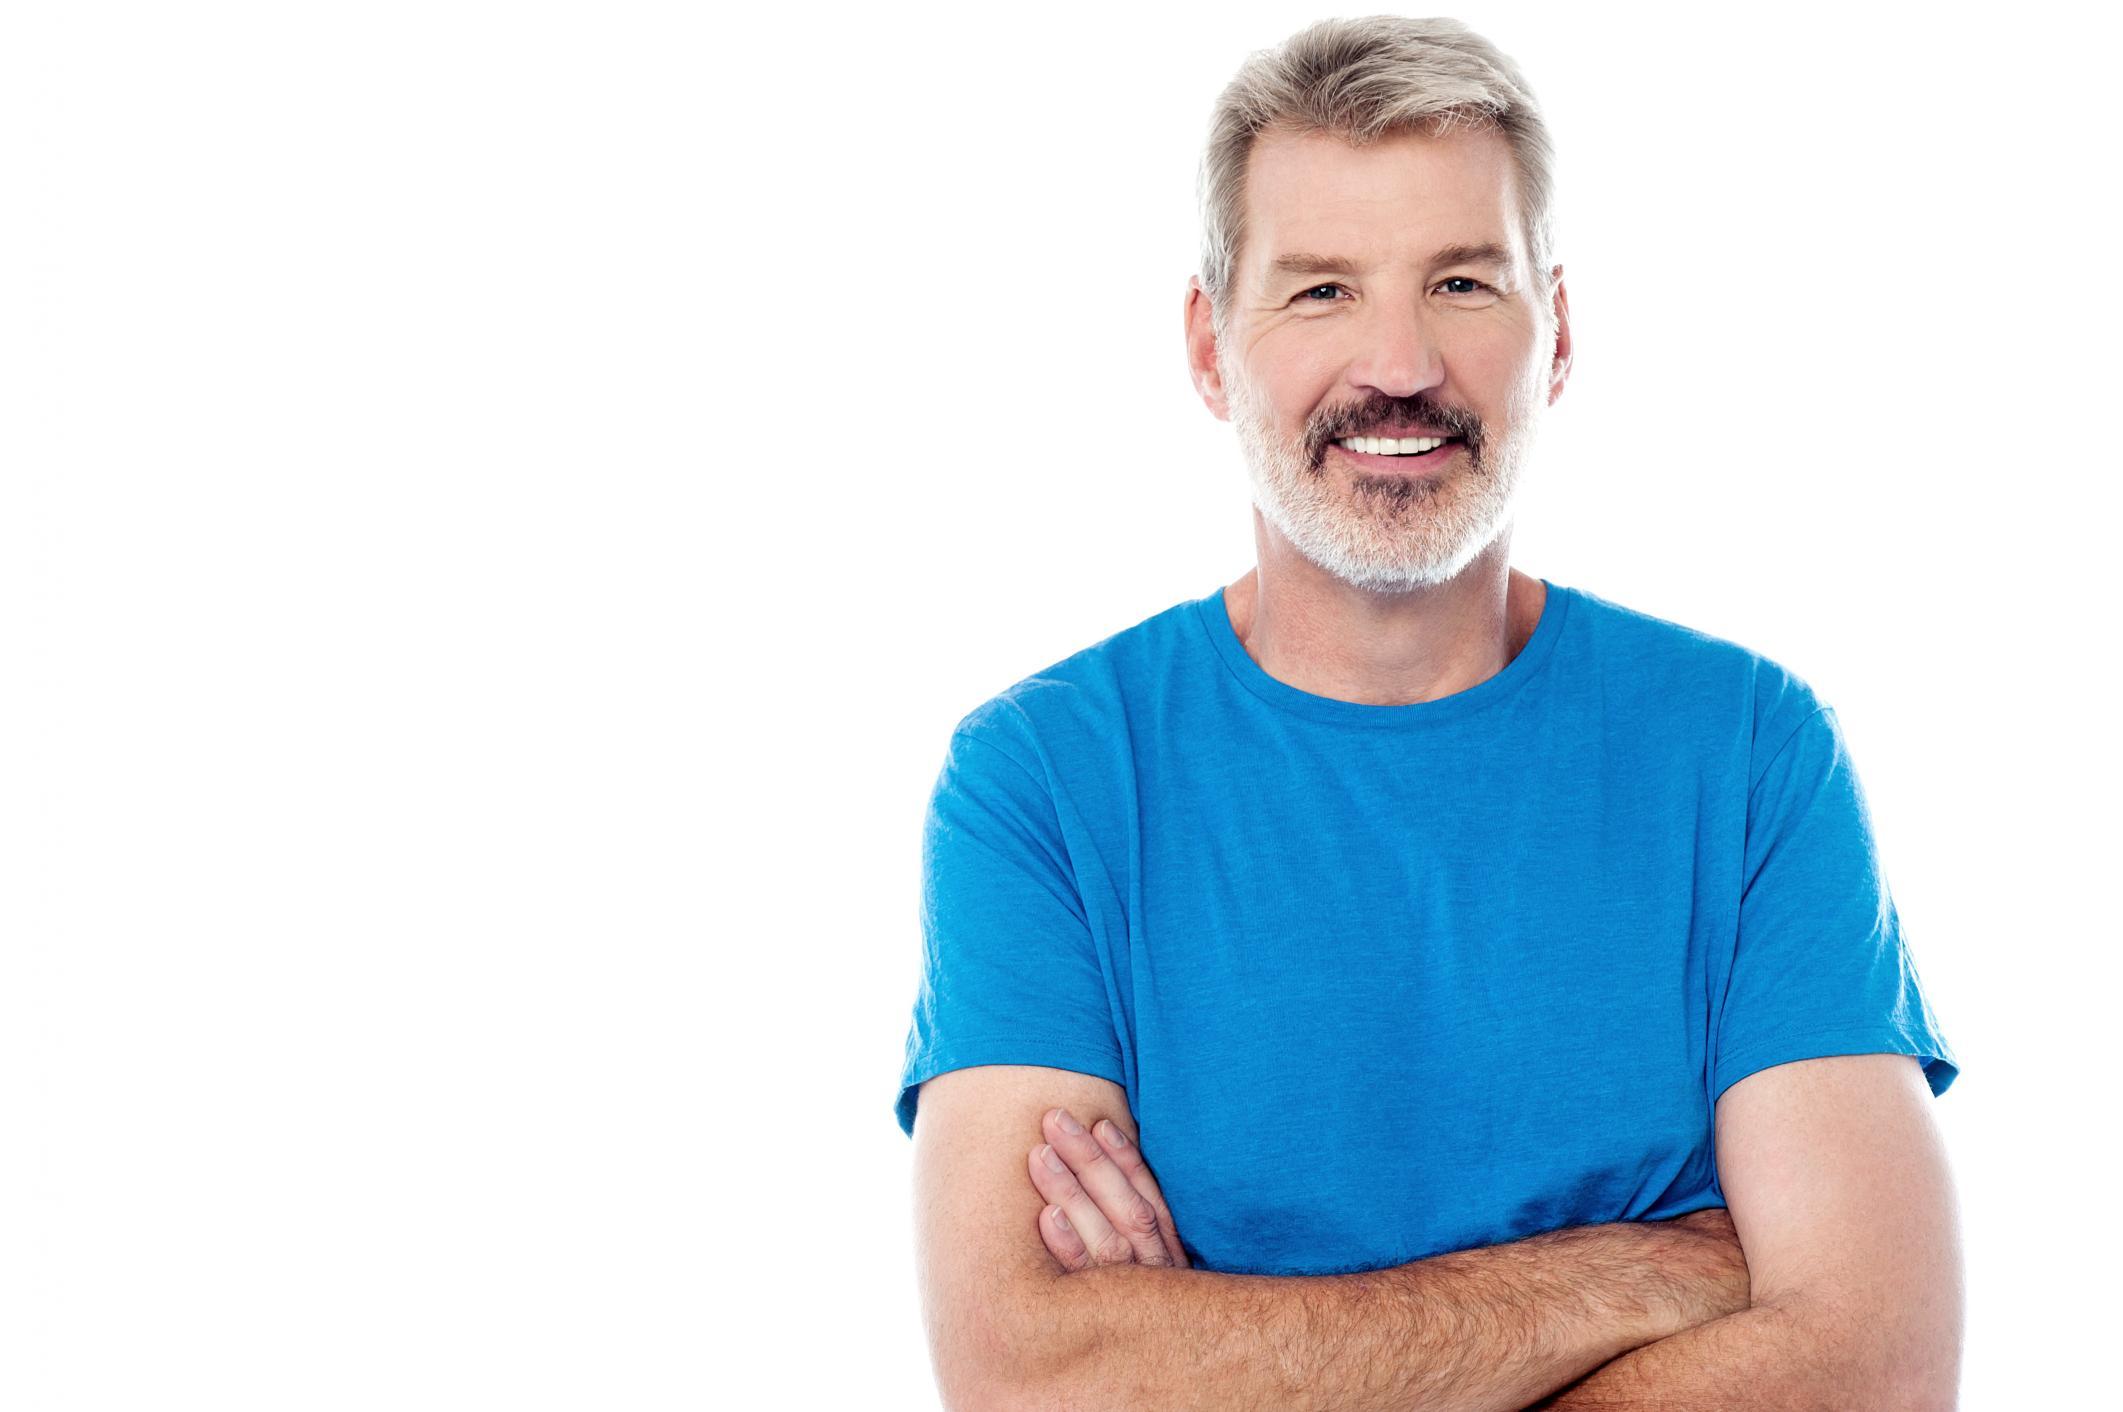 man wearing a blue shirt